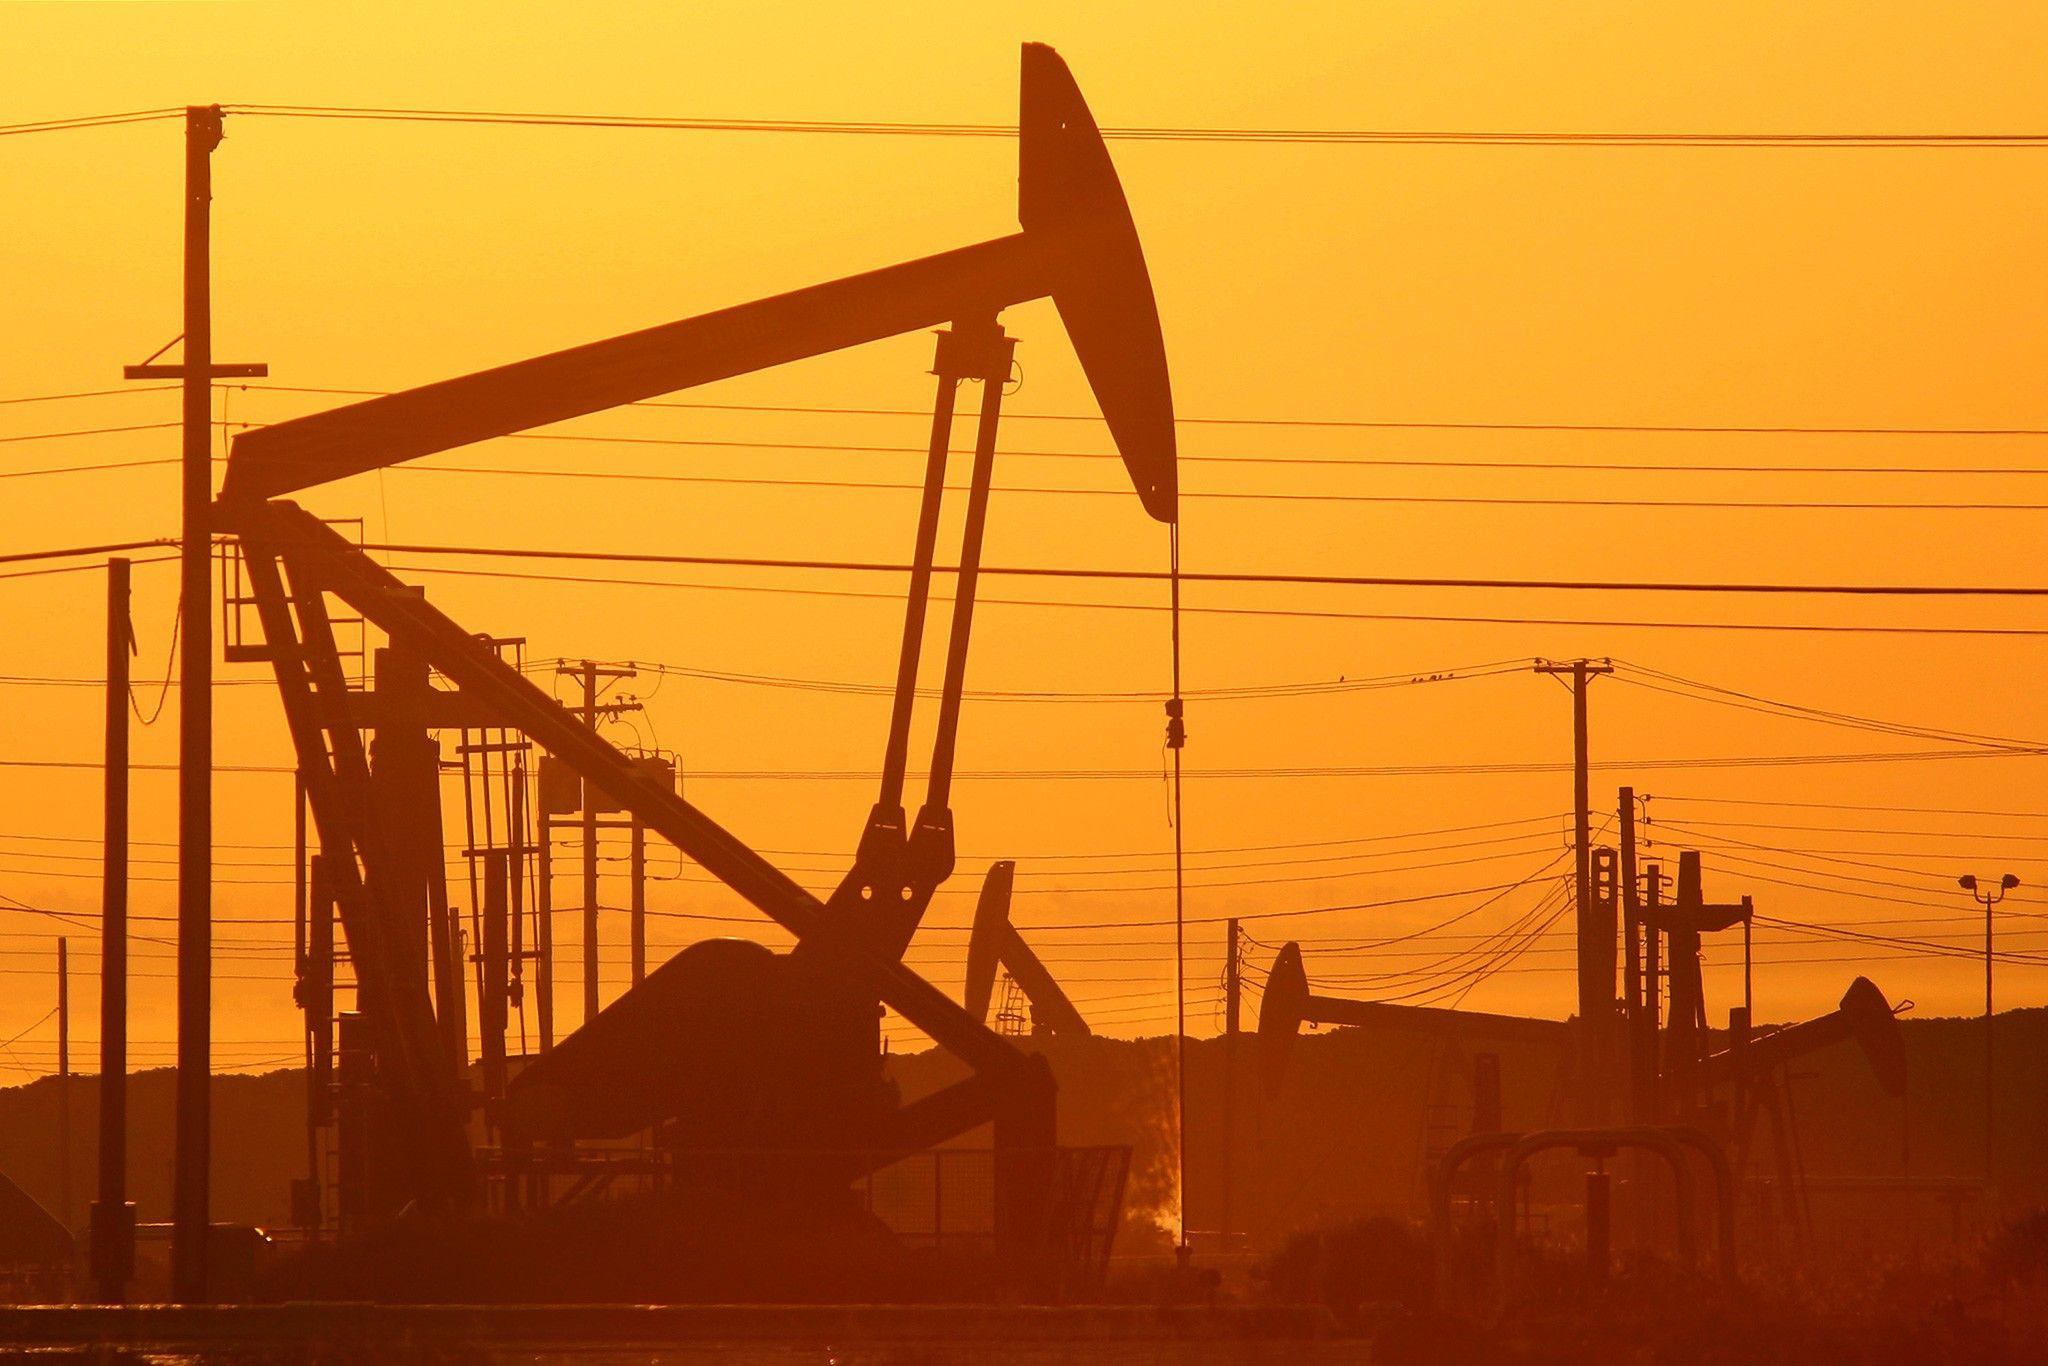 Pics de méthane dans l'atmosphère : l'exploitation du gaz de schiste mise en cause | National Geographic